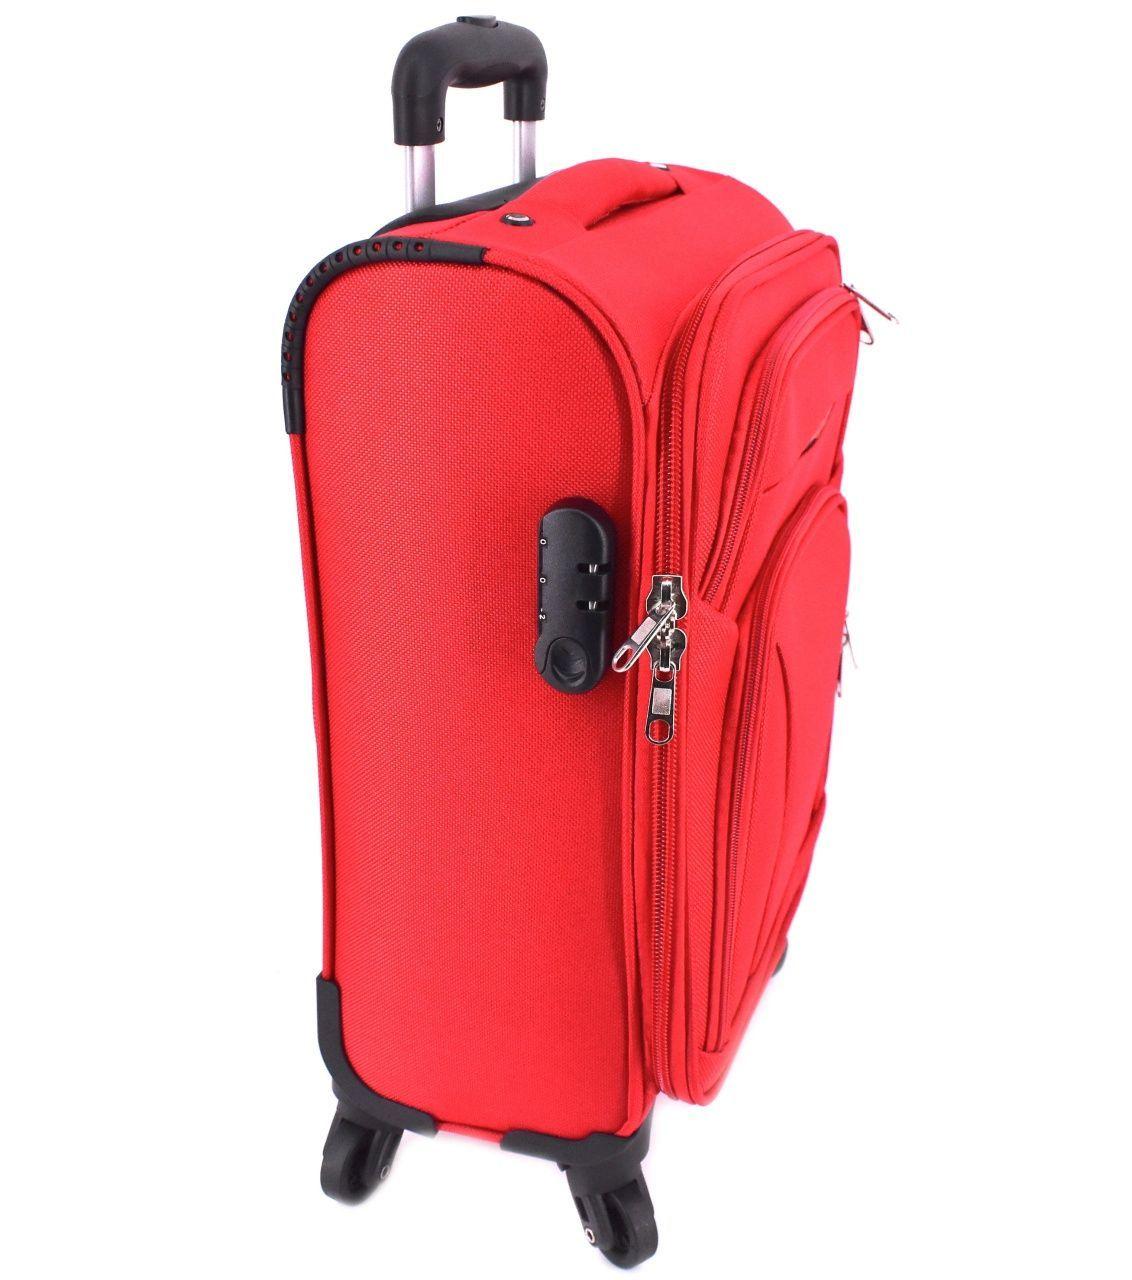 Cestovní textilní kufr na čtyřech kolečkách Agrado (XS) 35l - tmavě zelená 8021 (SX)